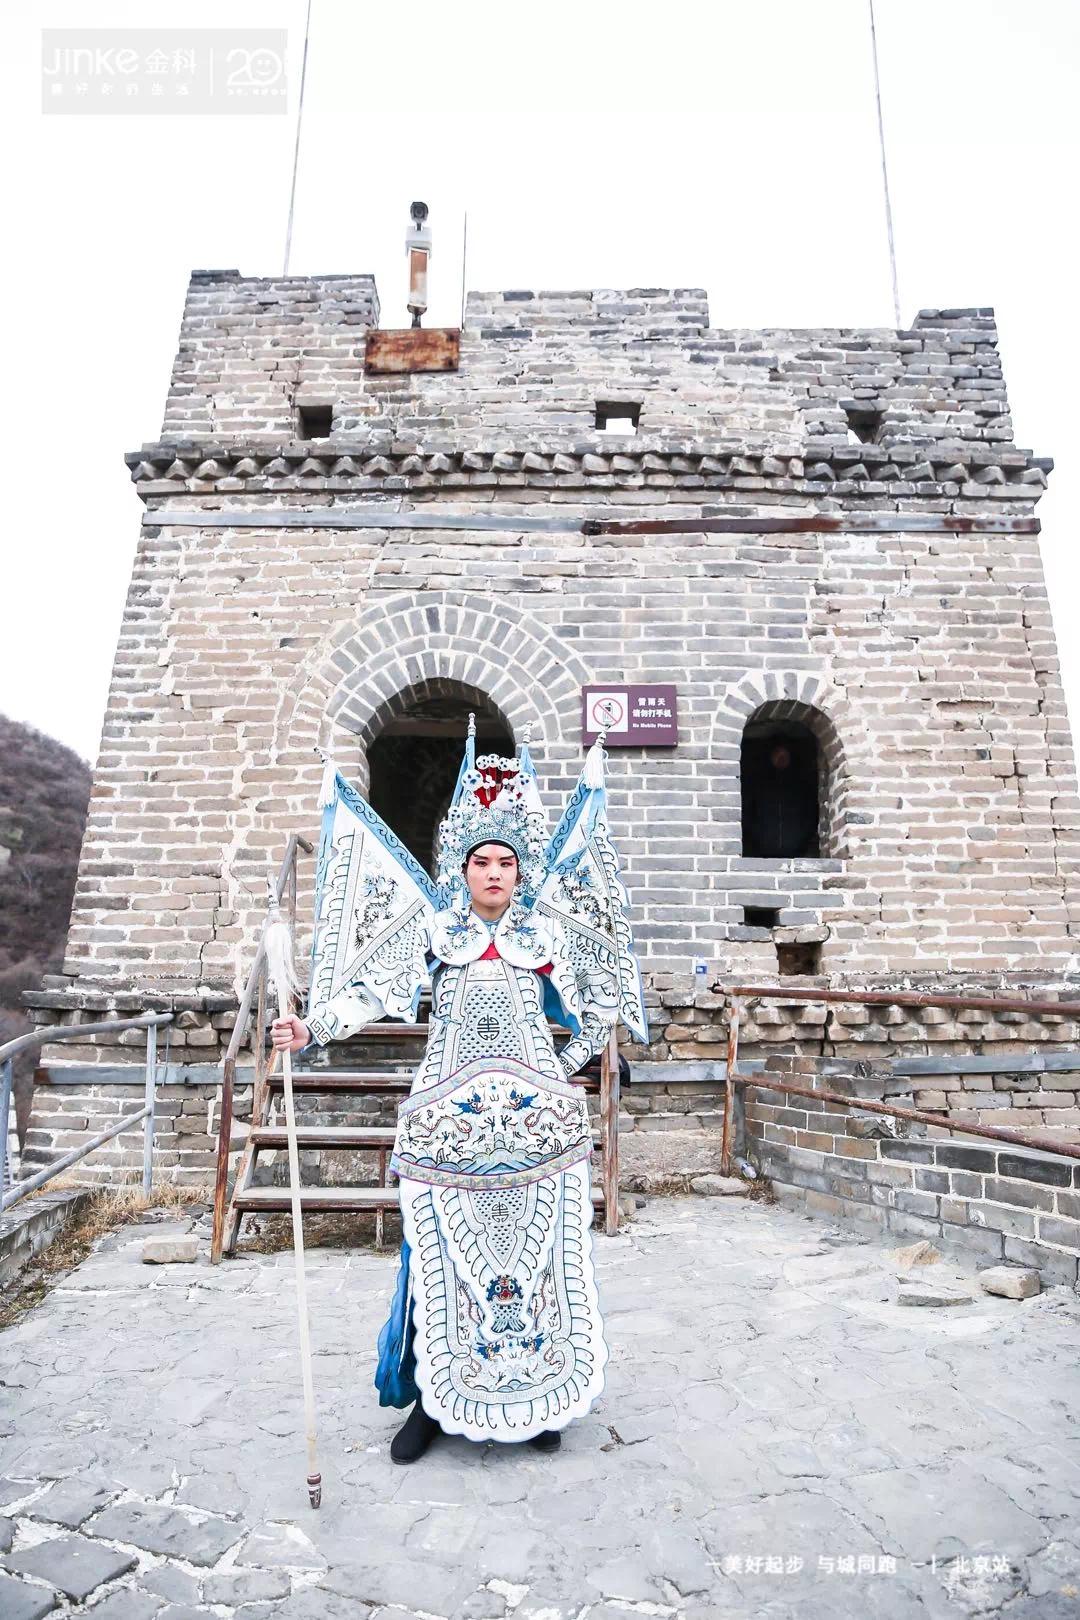 以东方精神镌刻历史印迹 金科万里城墙跑北京站今日开跑